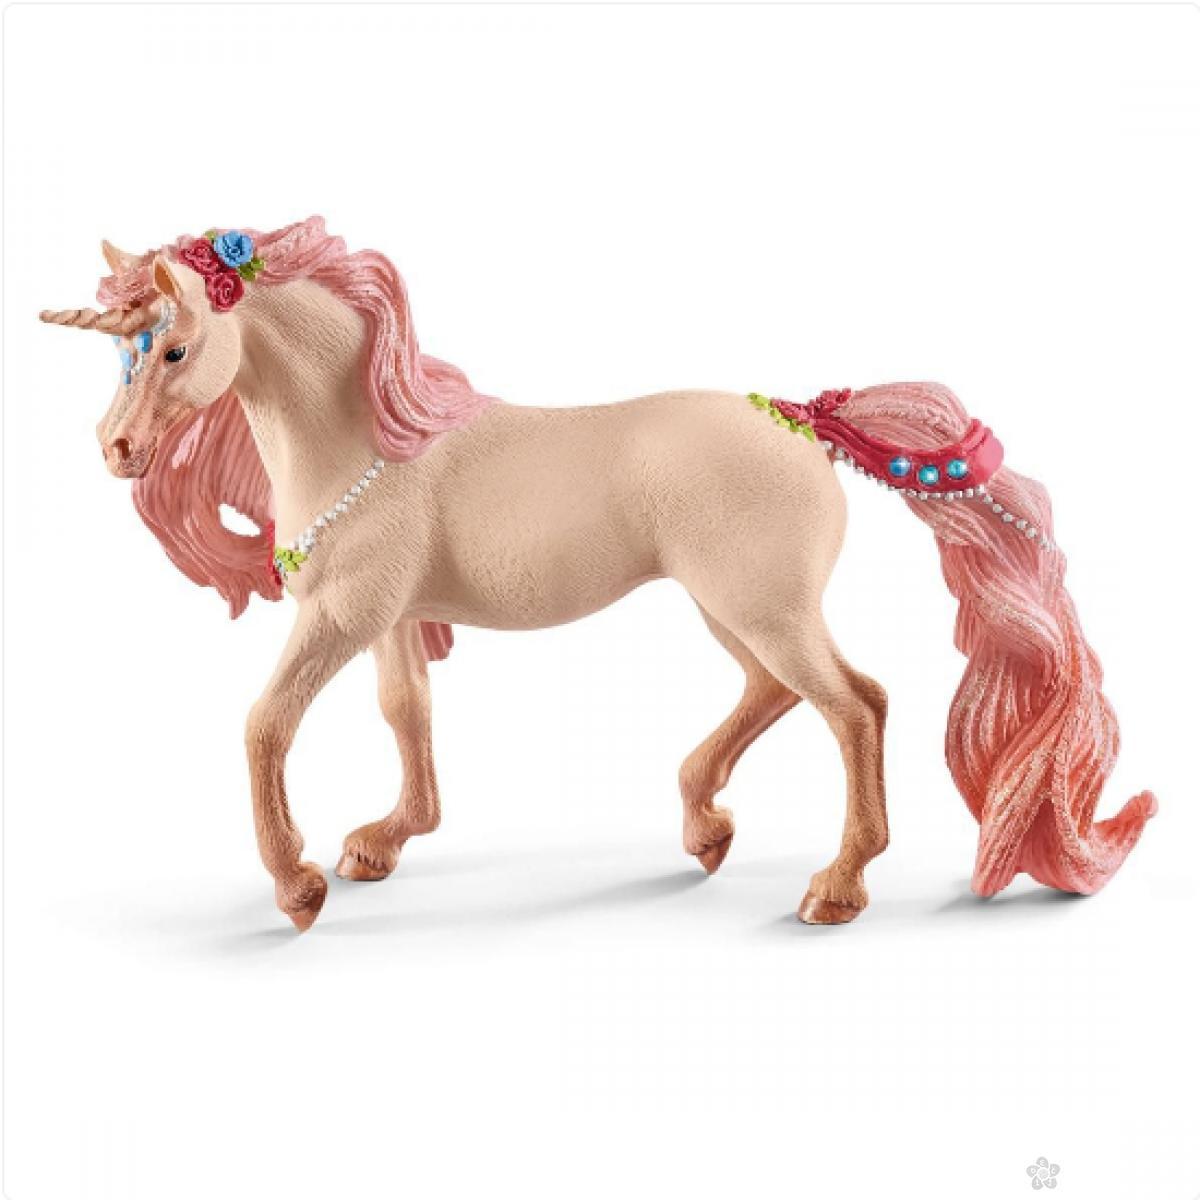 Prelepi jednorog - kobila 70573